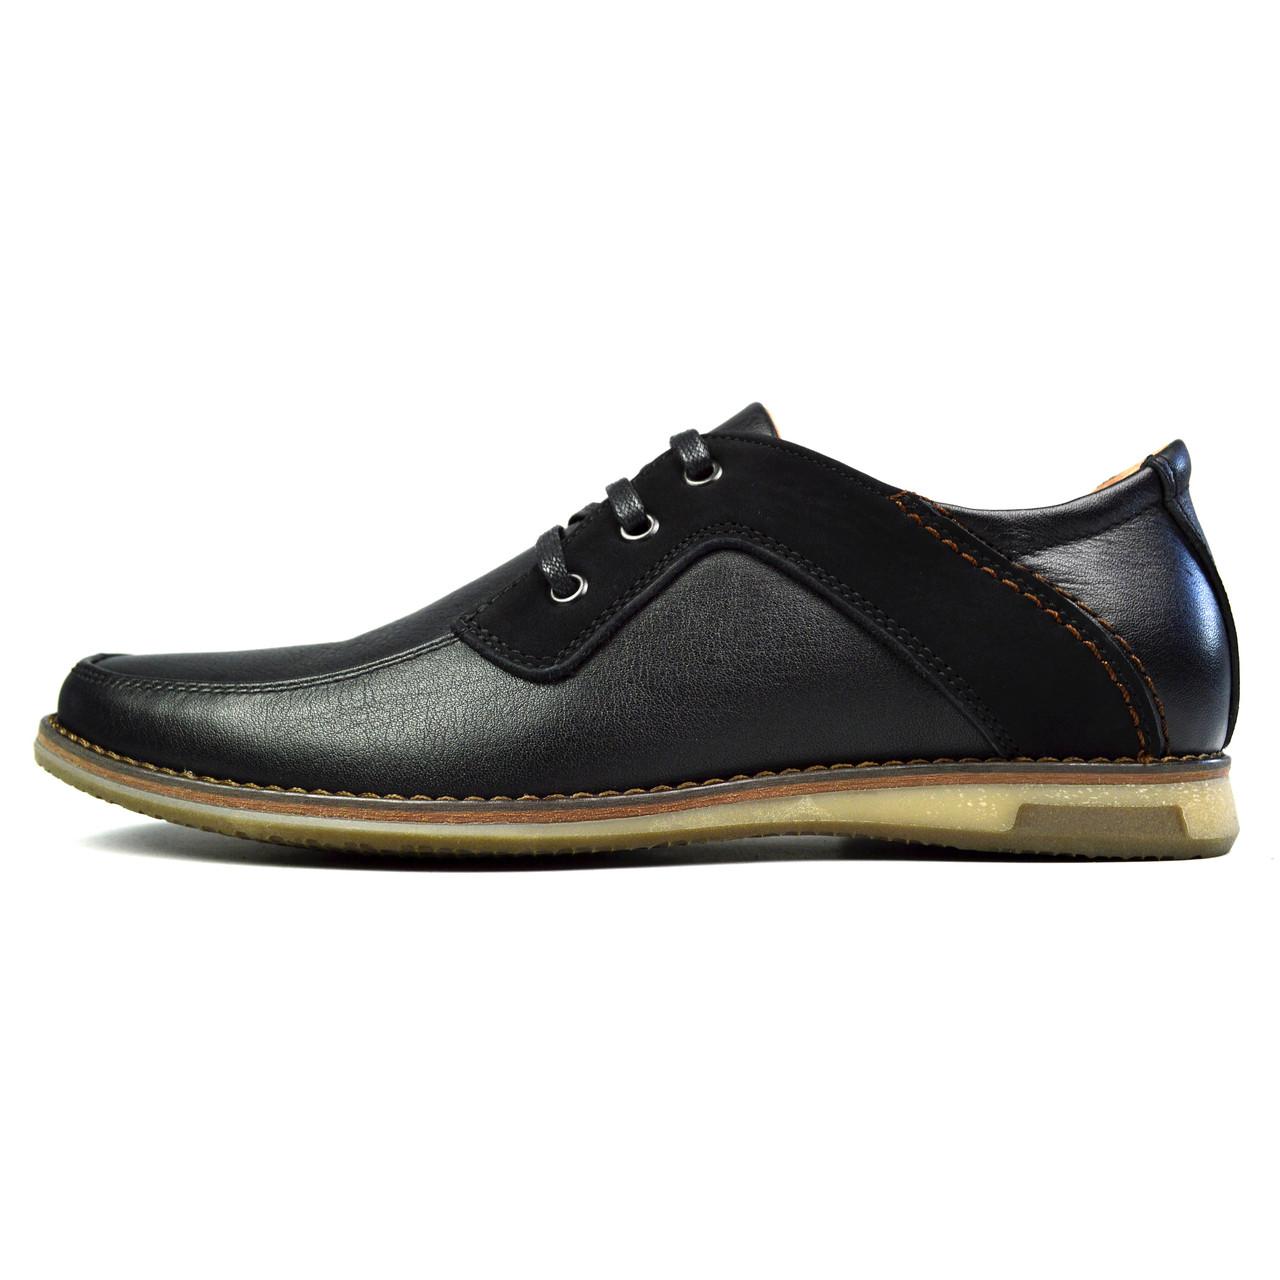 Черные мужские кожаные туфли комфорт SSS SHOES без каблука